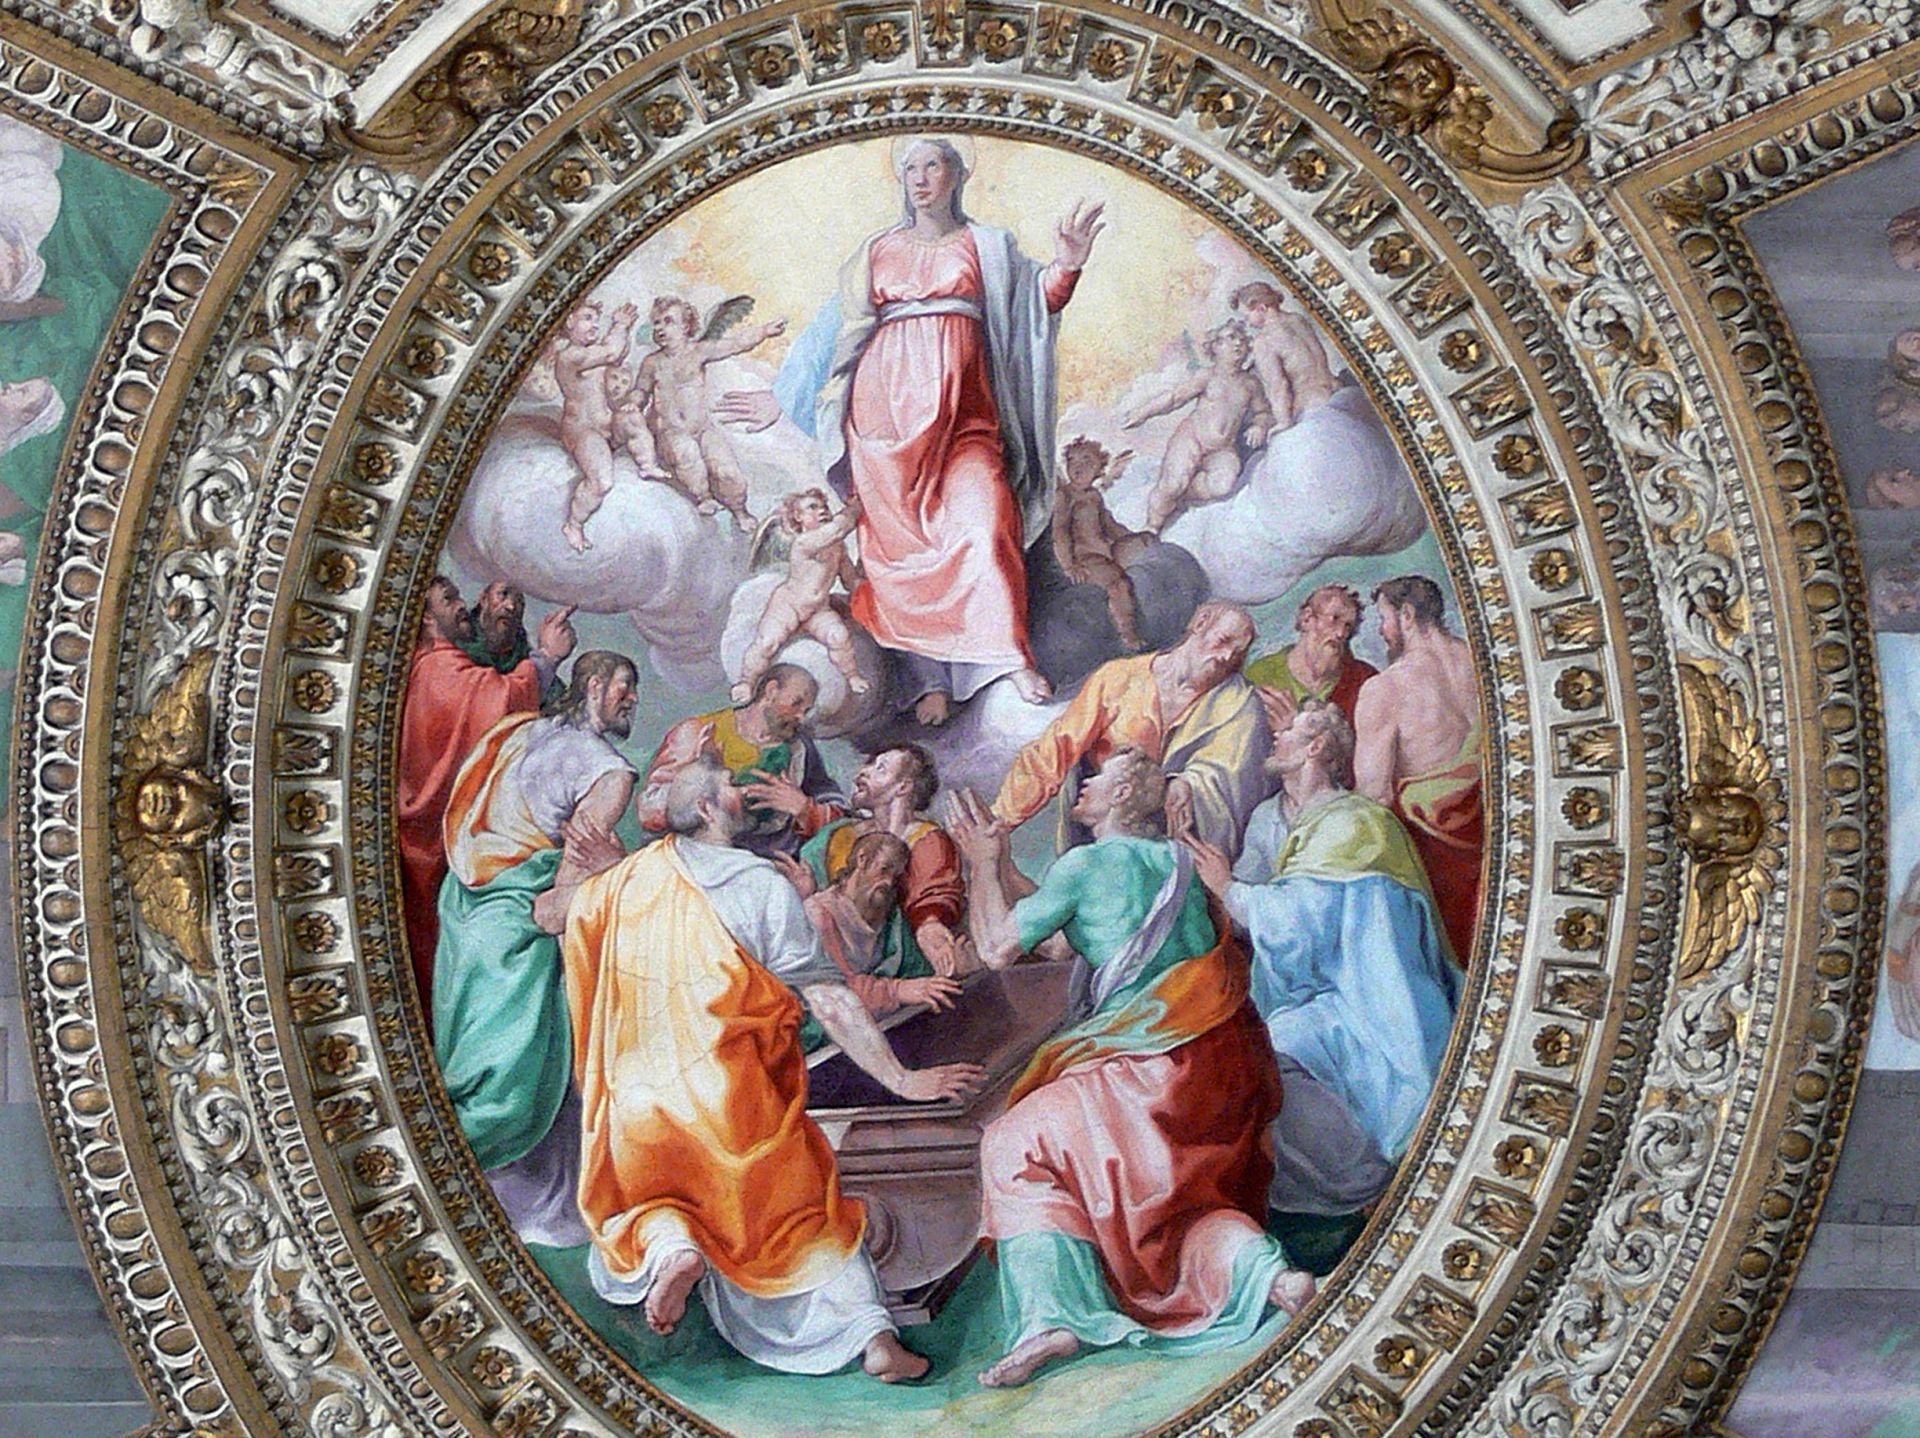 Sutra je blagdan Velike Gospe ili Uznesenja Blažene Djevice Marije